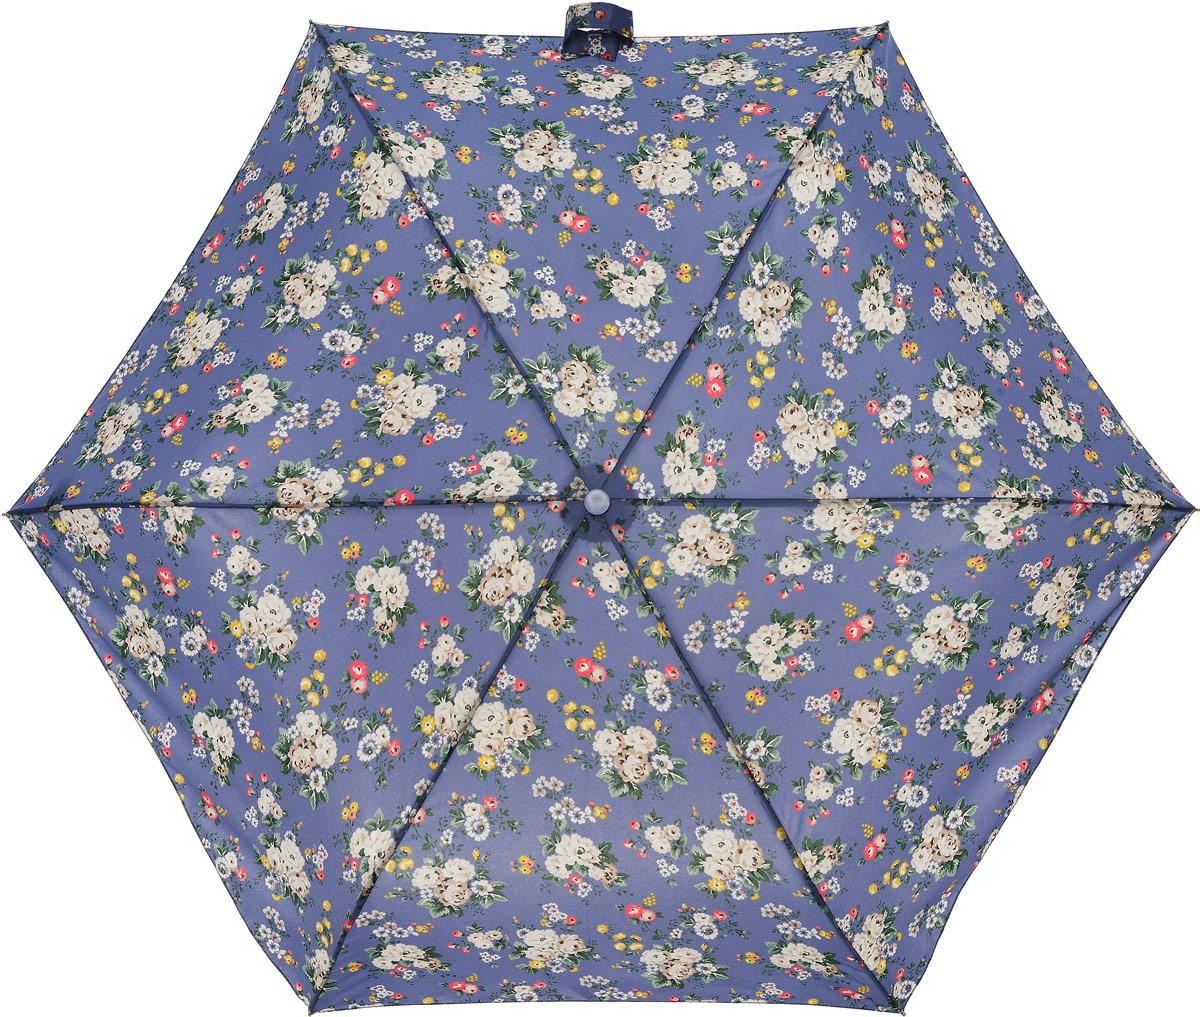 """Зонт женский Cath Kidston """"Minilite"""", механический, 3 сложения, цвет: сине-фиолетовый, мультиколор. L768-3068 L768-3068 SprayFlowersBlue"""